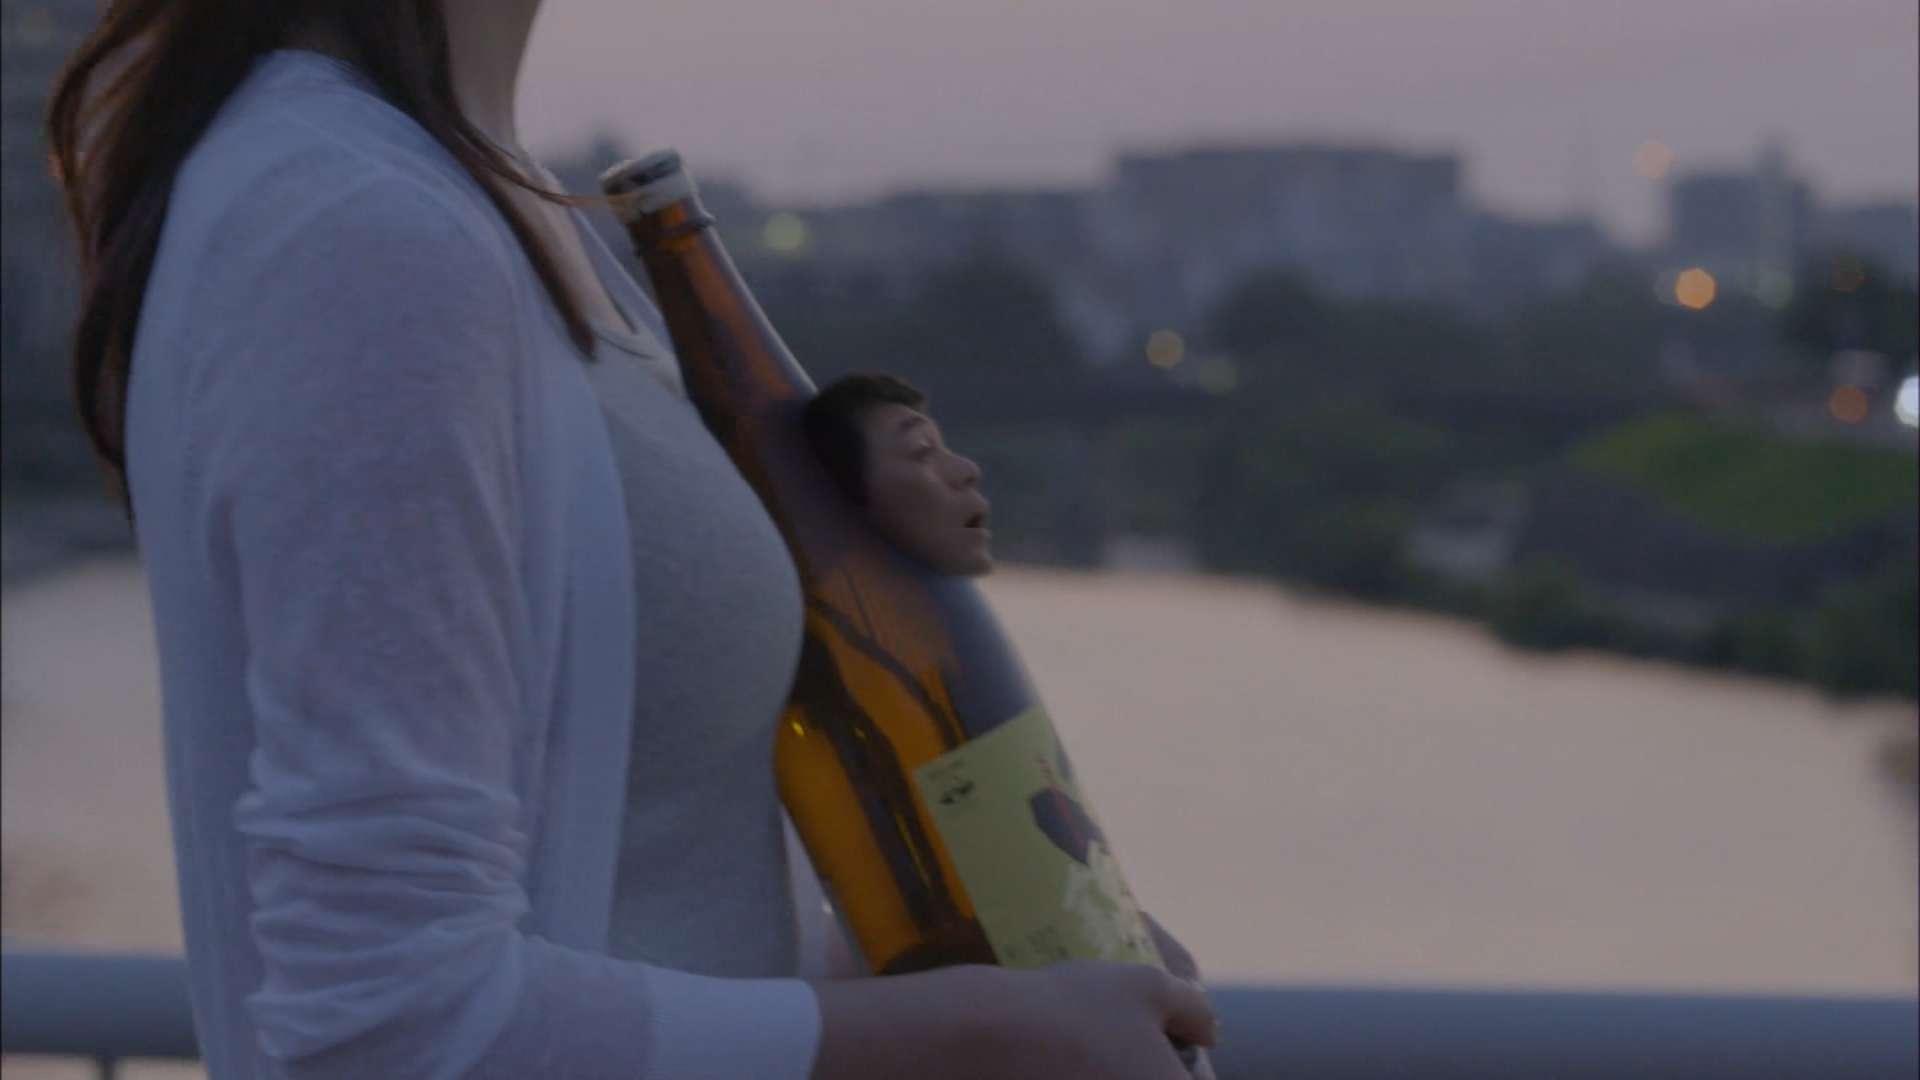 おっぱいで一升瓶をはさんだCMがエロい 画像6